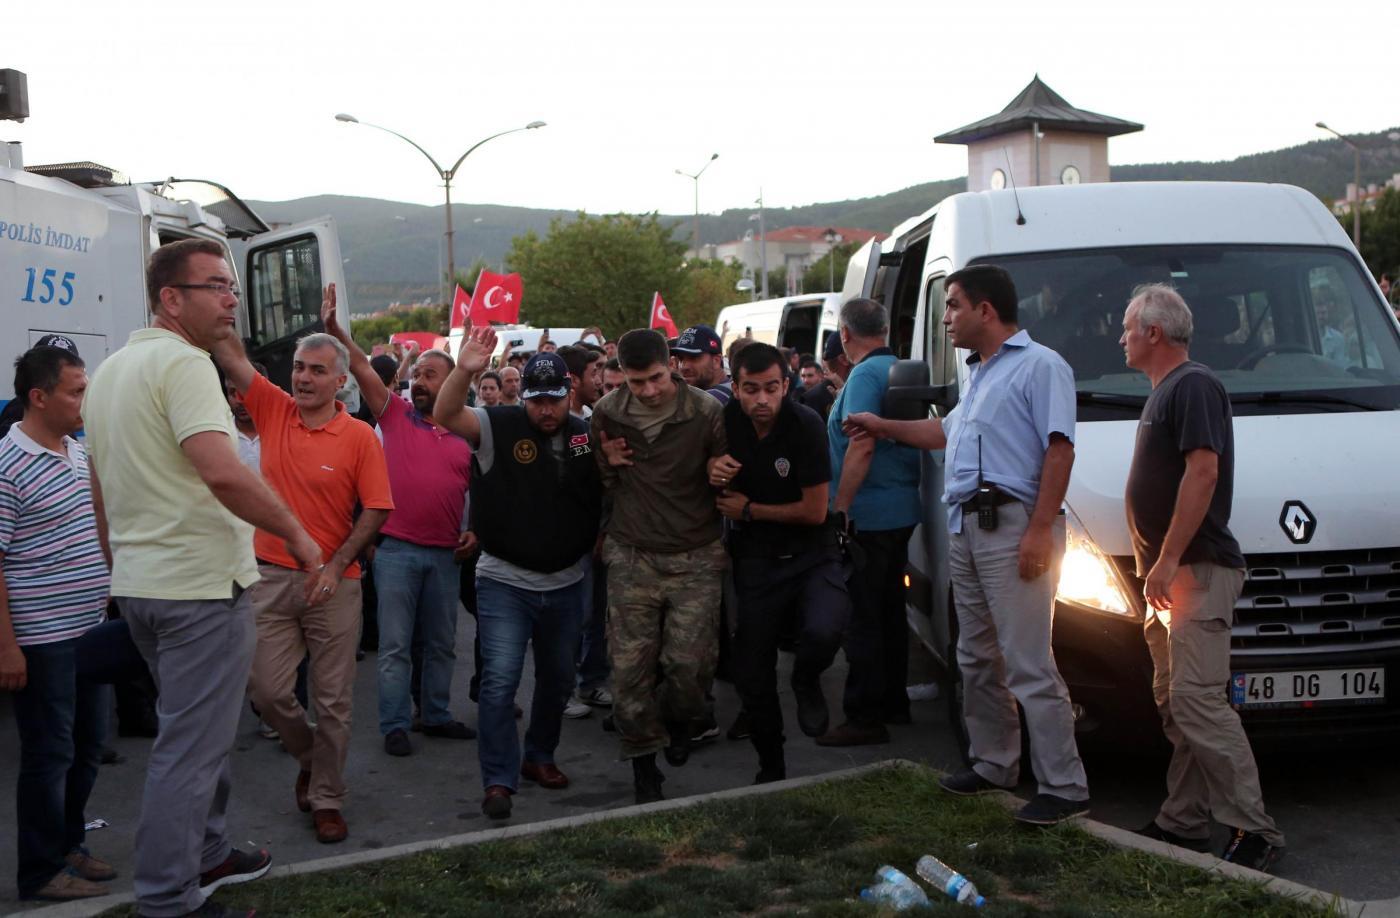 Turchia, fuori 38mila detenuti: 'Servono celle per i golpisti'